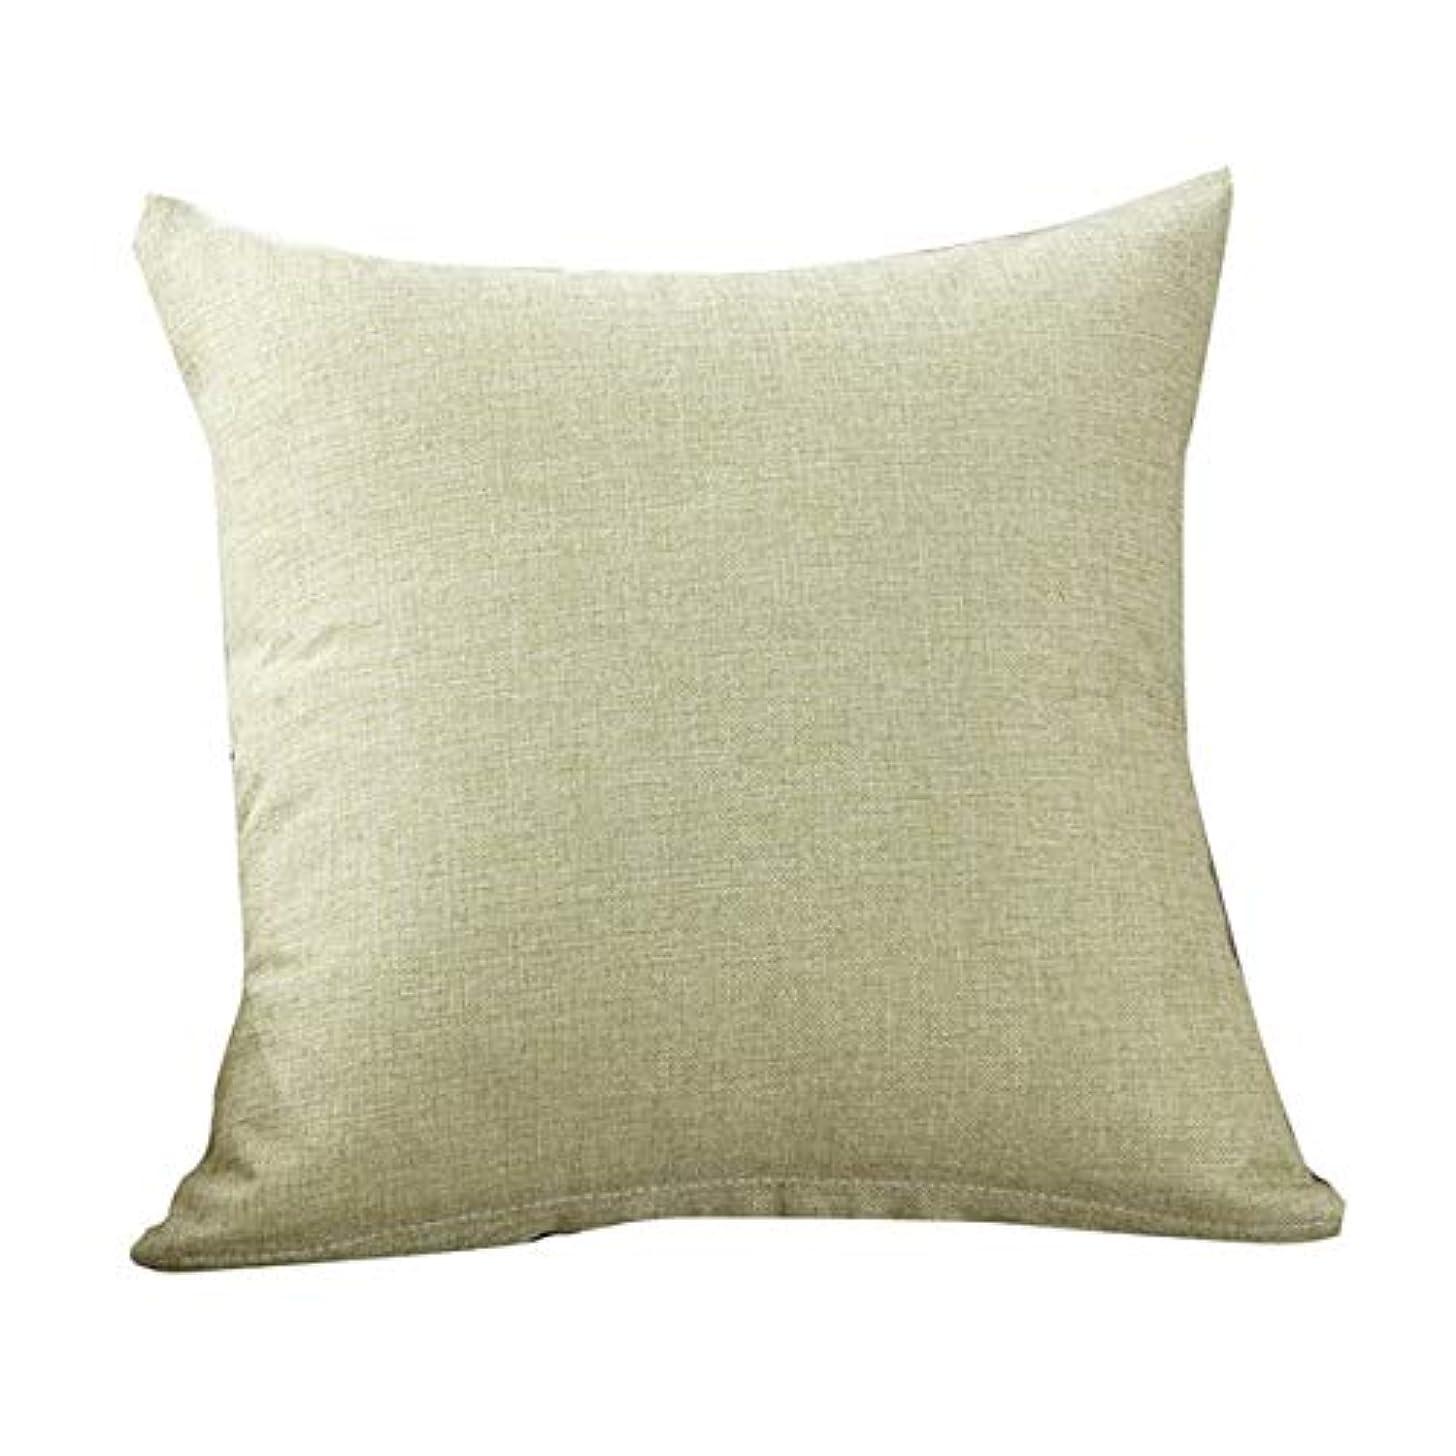 コートペパーミントビンLIFE クリエイティブシンプルなファッションスロー枕クッションカフェソファクッションのホームインテリア z0403# G20 クッション 椅子